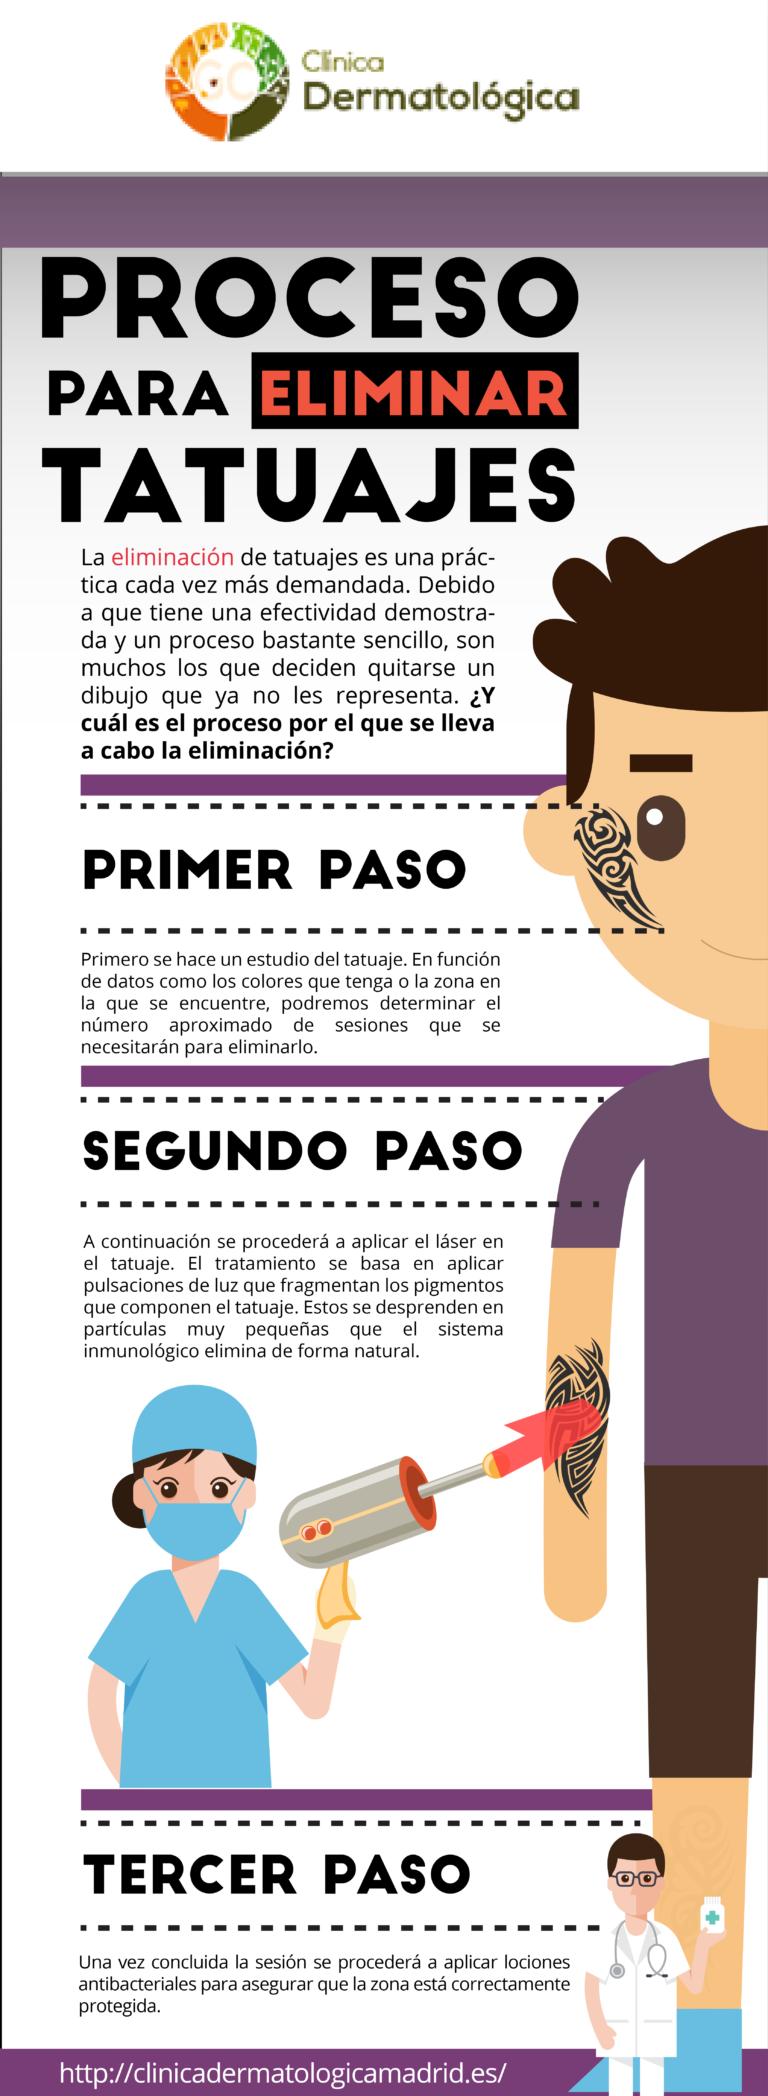 eliminar-tatuajes-madrid